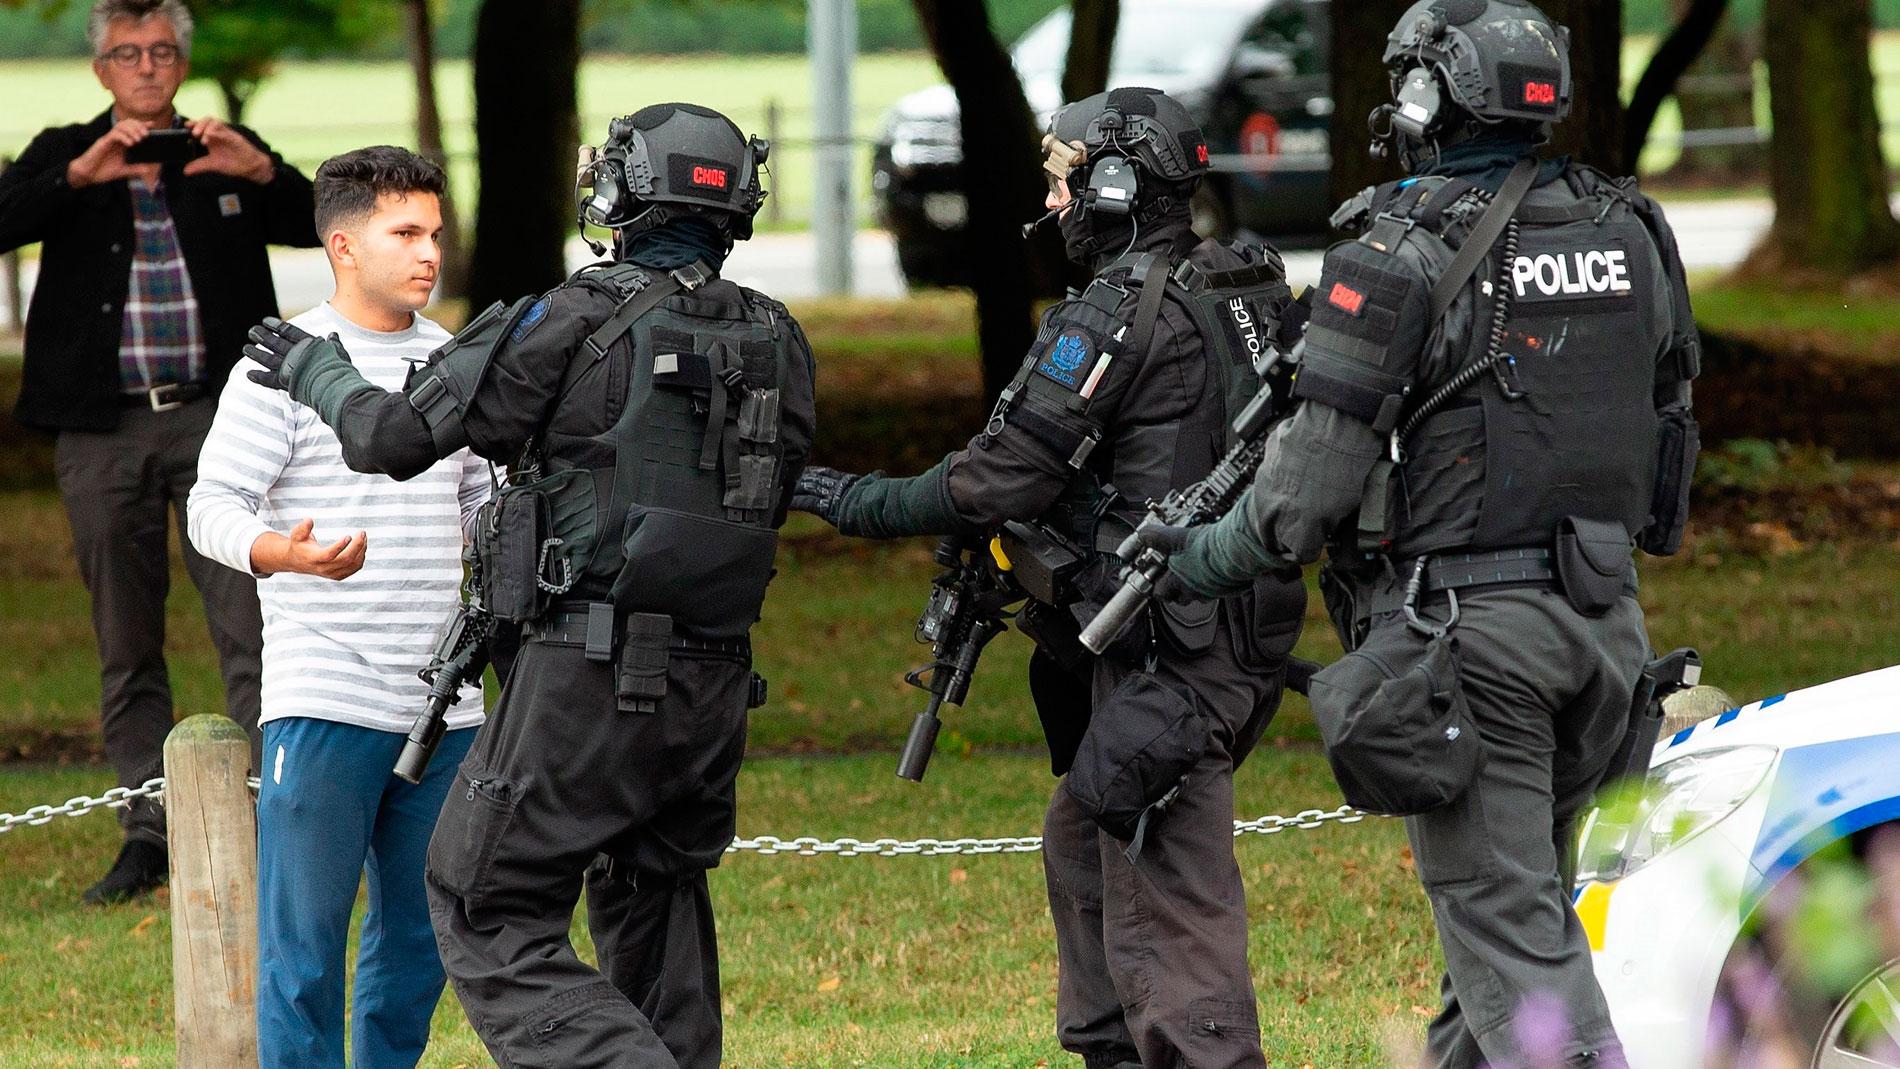 Atentado En Nueva Zelanda Hd: Al Menos 49 Muertos En Un